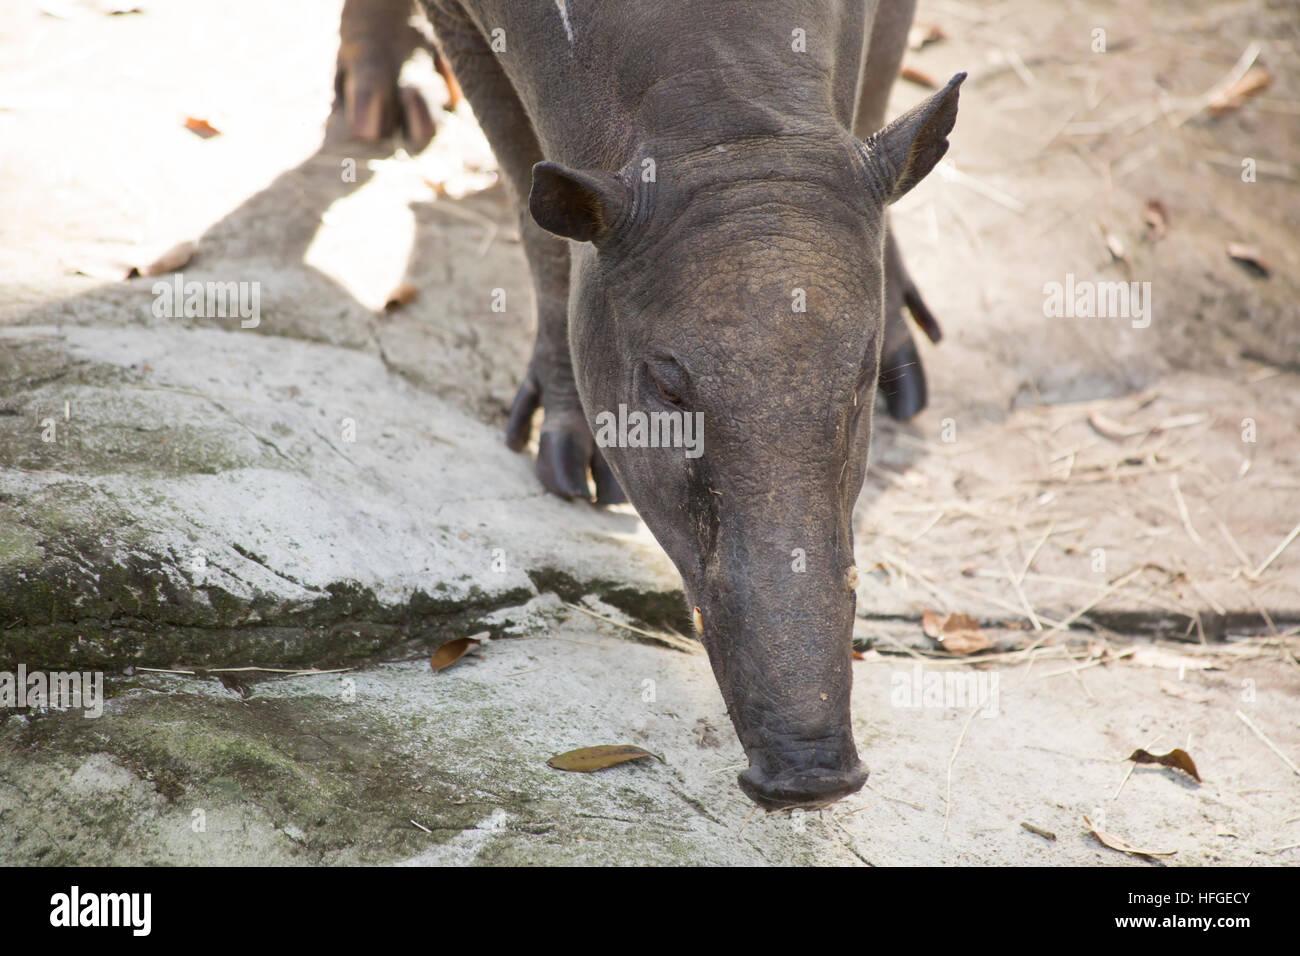 Close up of a babirusa (Buru babirusa), also called a deer-pig - Stock Image